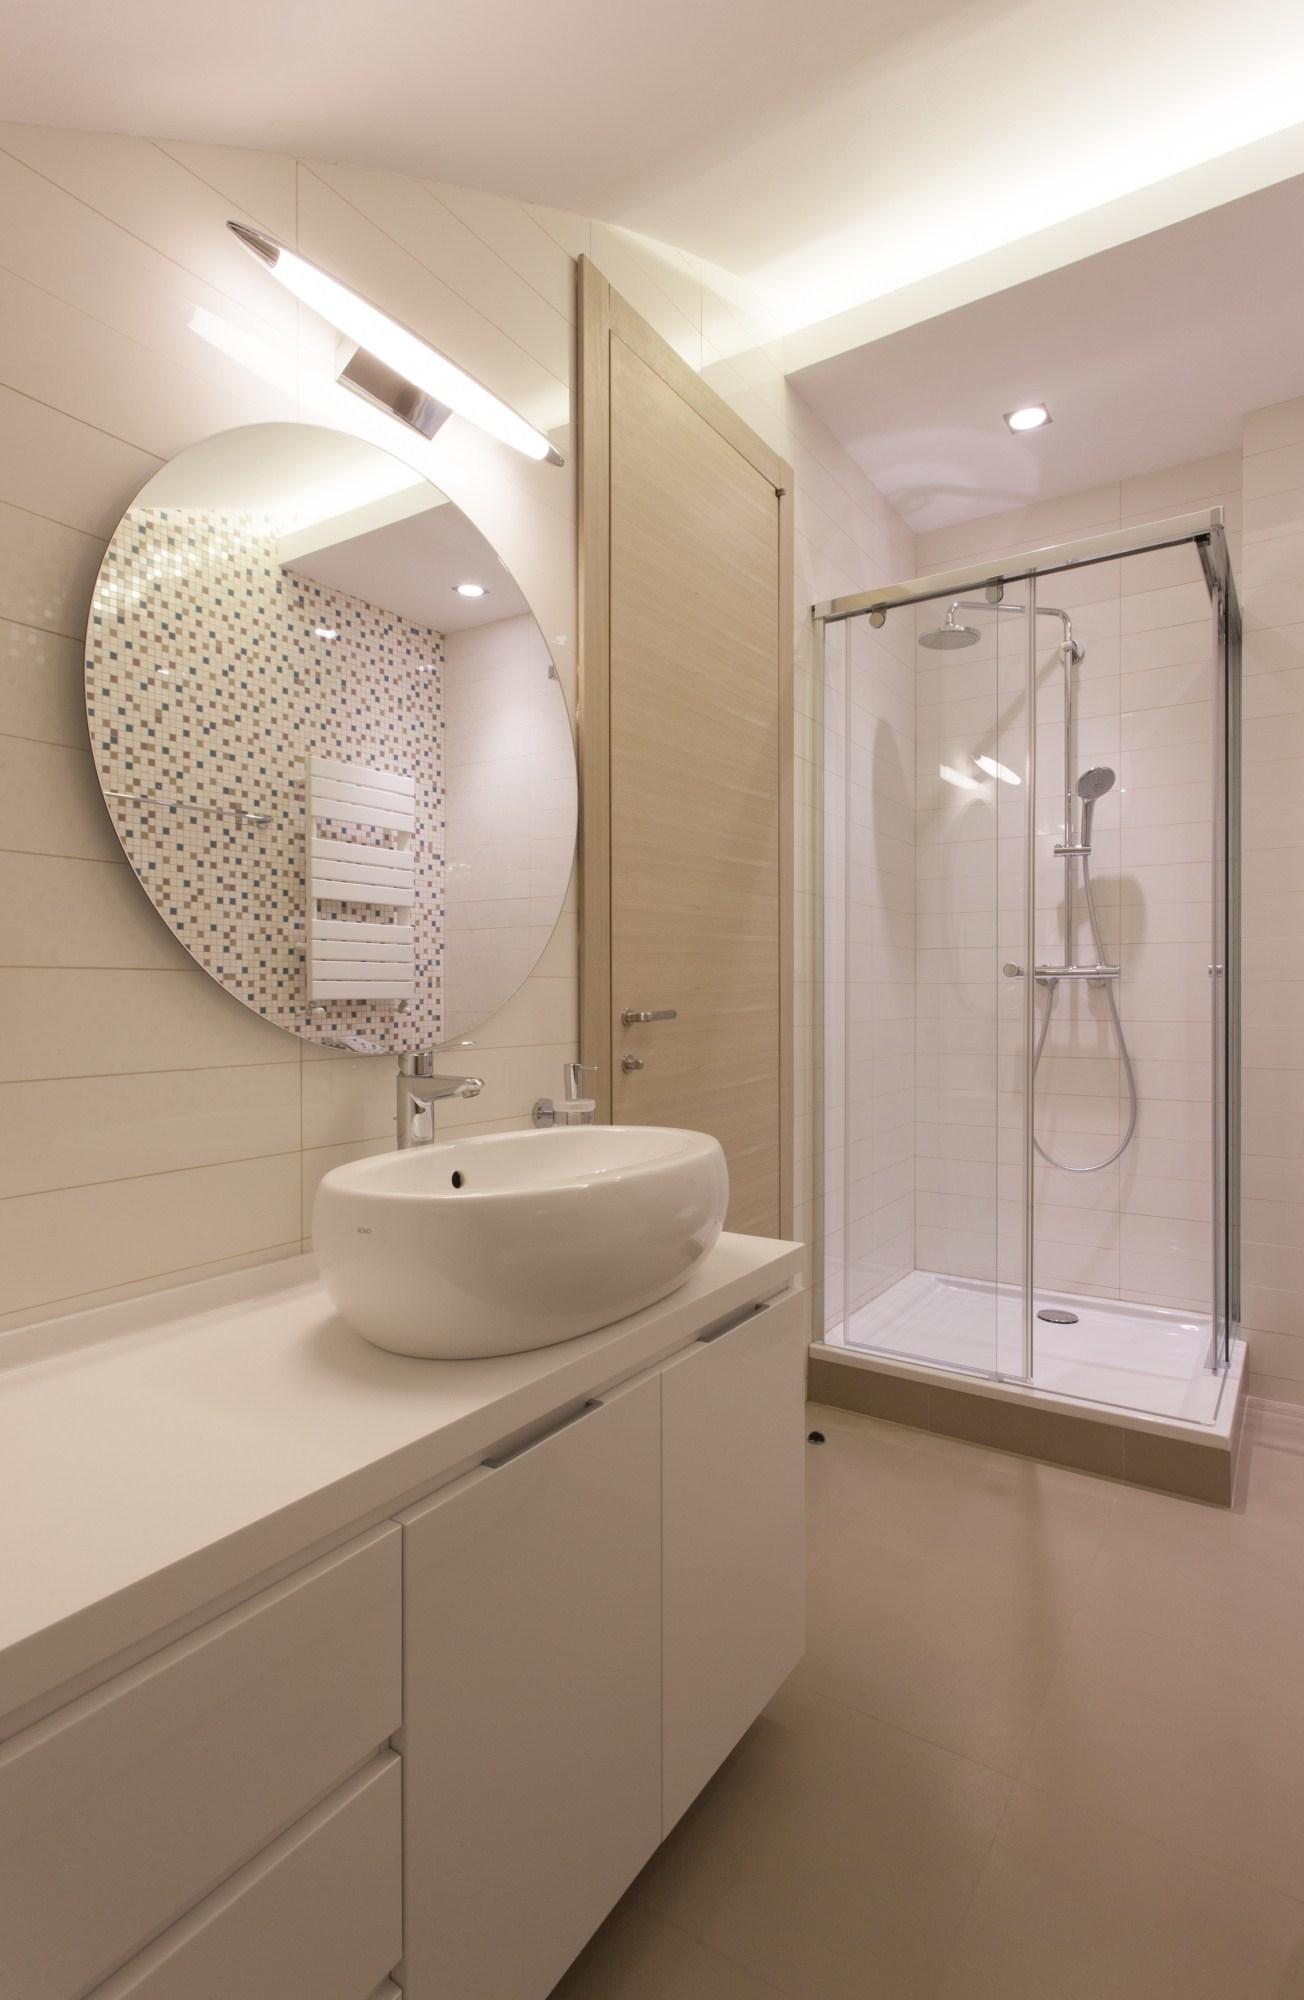 https://nbc-arhitect.ro/wp-content/uploads/2020/10/NBC-Arhitect-_-Petofi-Sandor-_-Housing-_-interior-design_bathroom_1.jpg